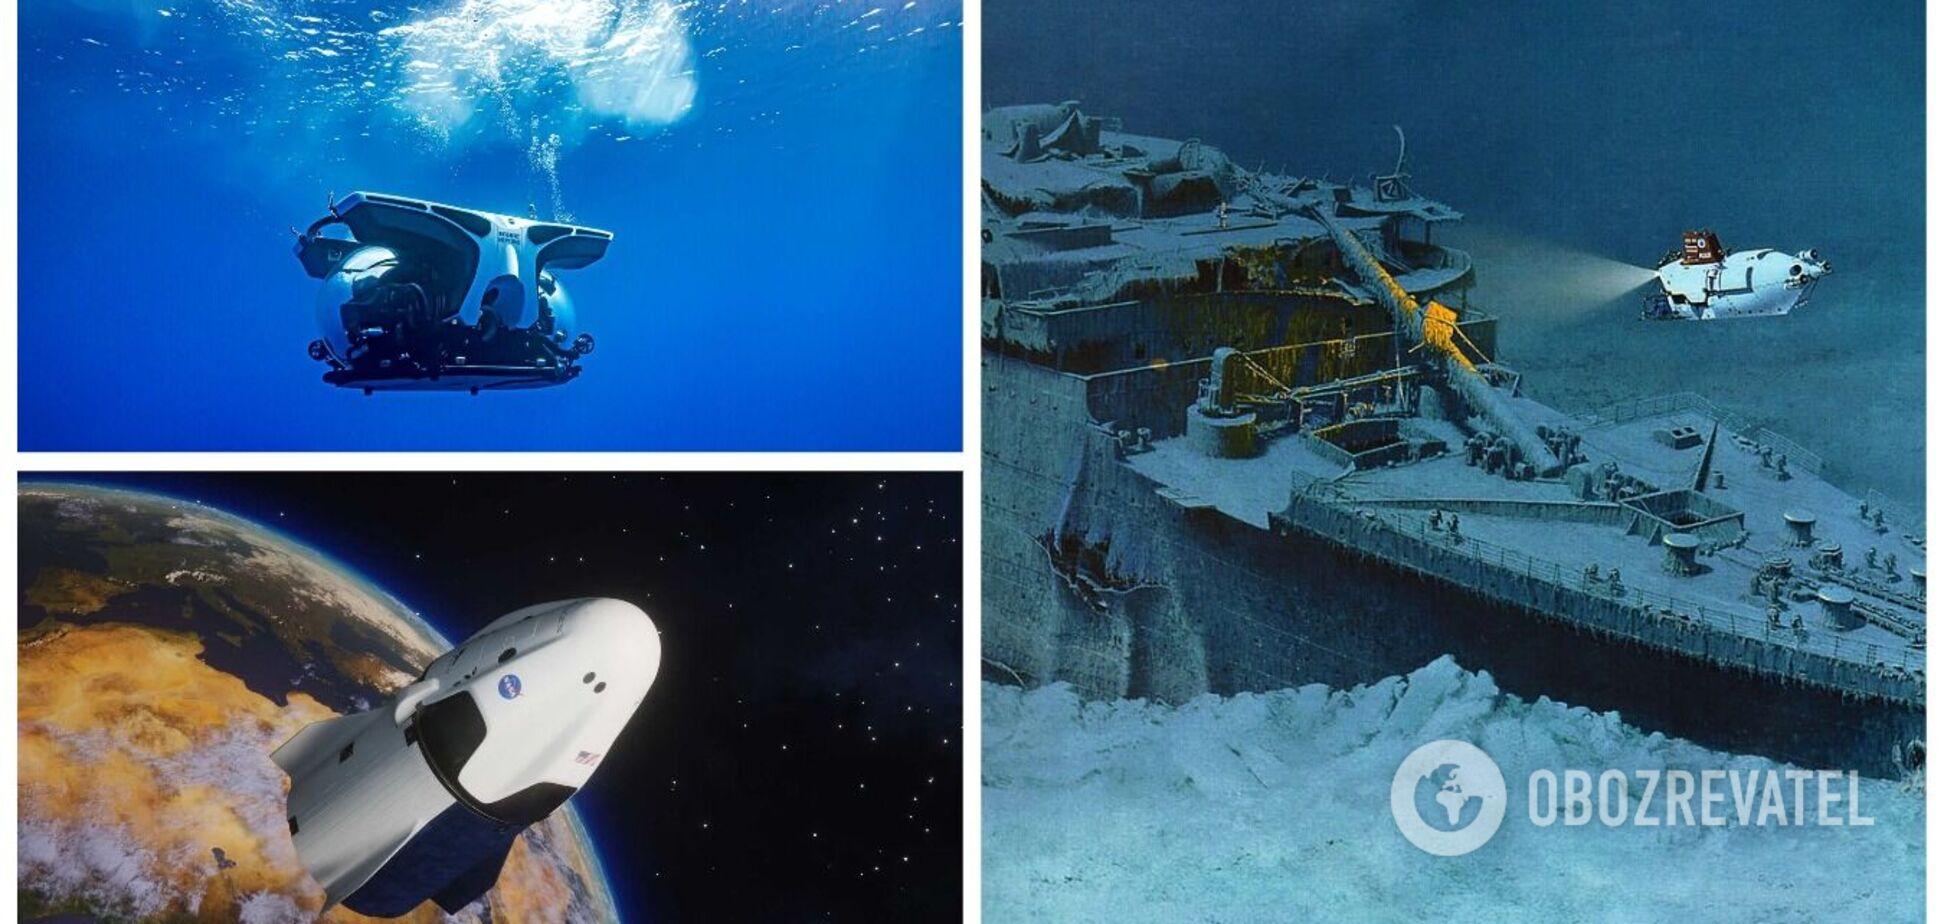 Політ у космос і занурення до Титаніка: топ-5 незвичайних подорожей для мільйонерів. Ціни і фото